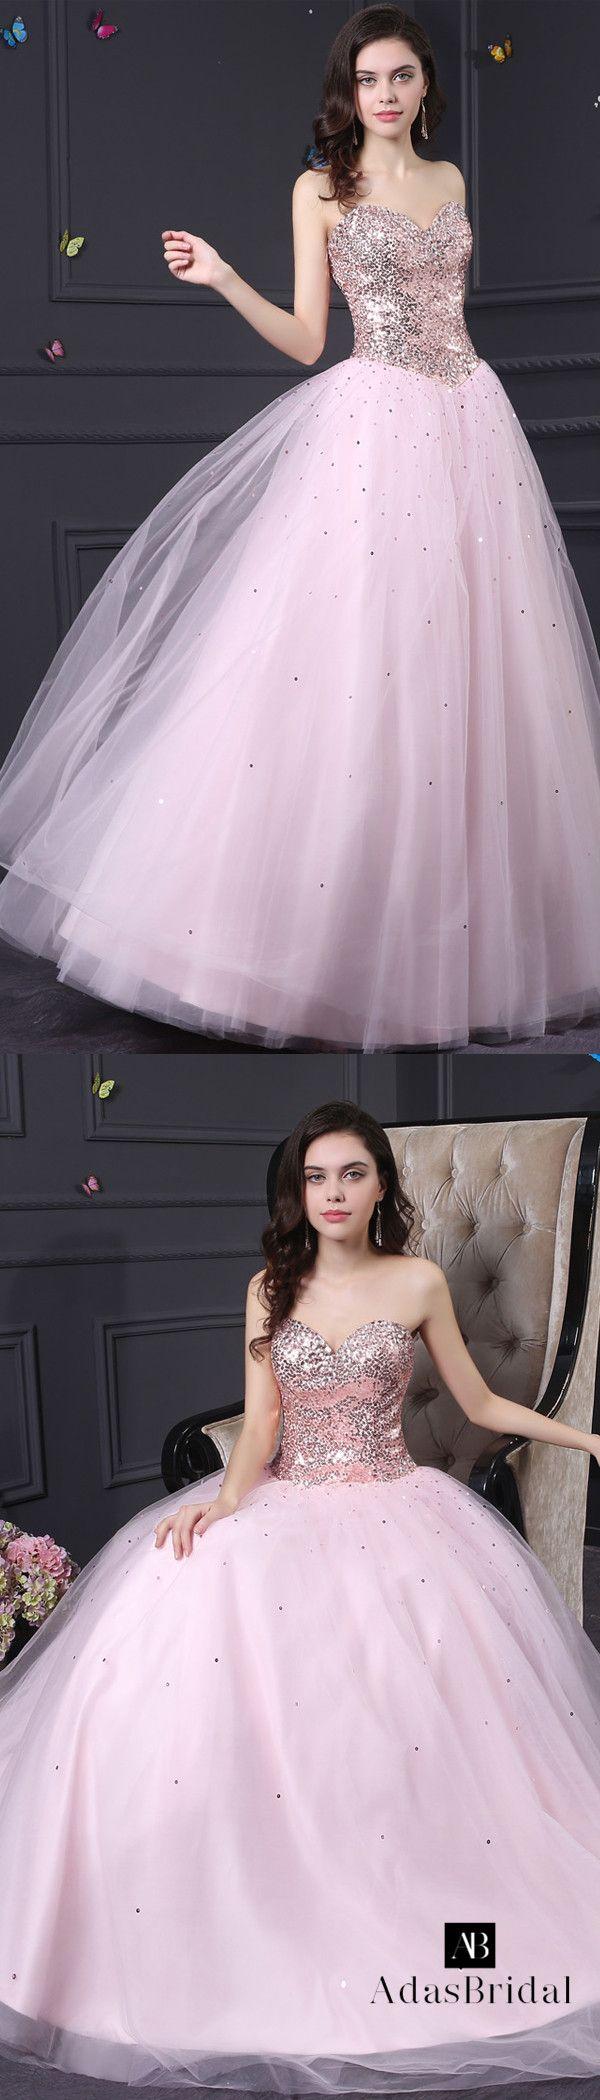 Fantástico Prom Cortar Vestidos Embellecimiento - Colección del ...